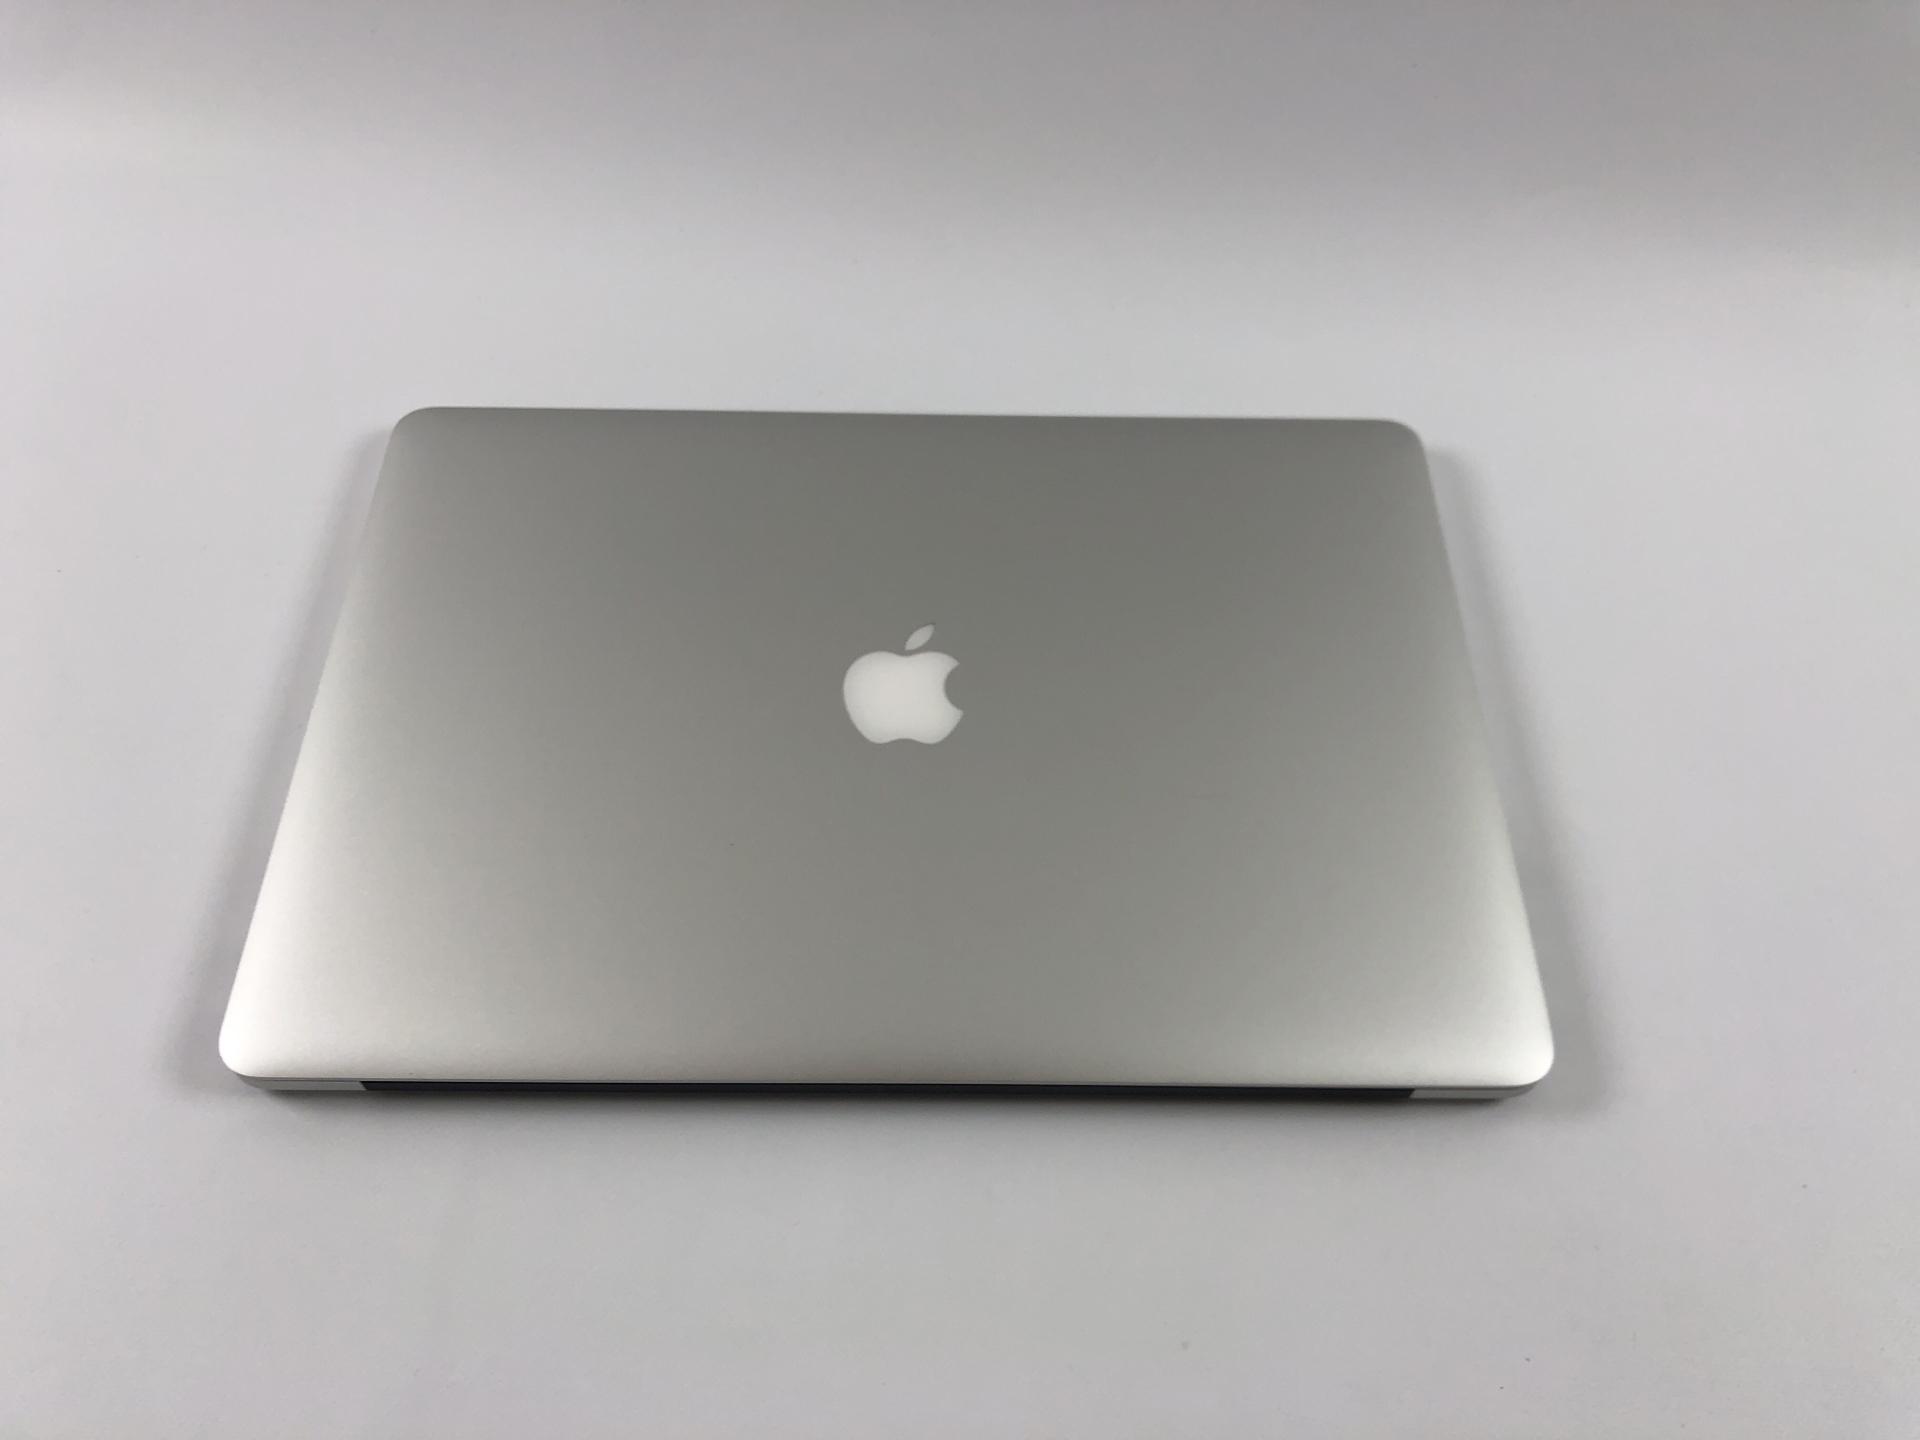 """MacBook Pro Retina 15"""" Mid 2015 (Intel Quad-Core i7 2.8 GHz 16 GB RAM 256 GB SSD), Intel Quad-Core i7 2.8 GHz, 16 GB RAM, 256 GB SSD, bild 3"""